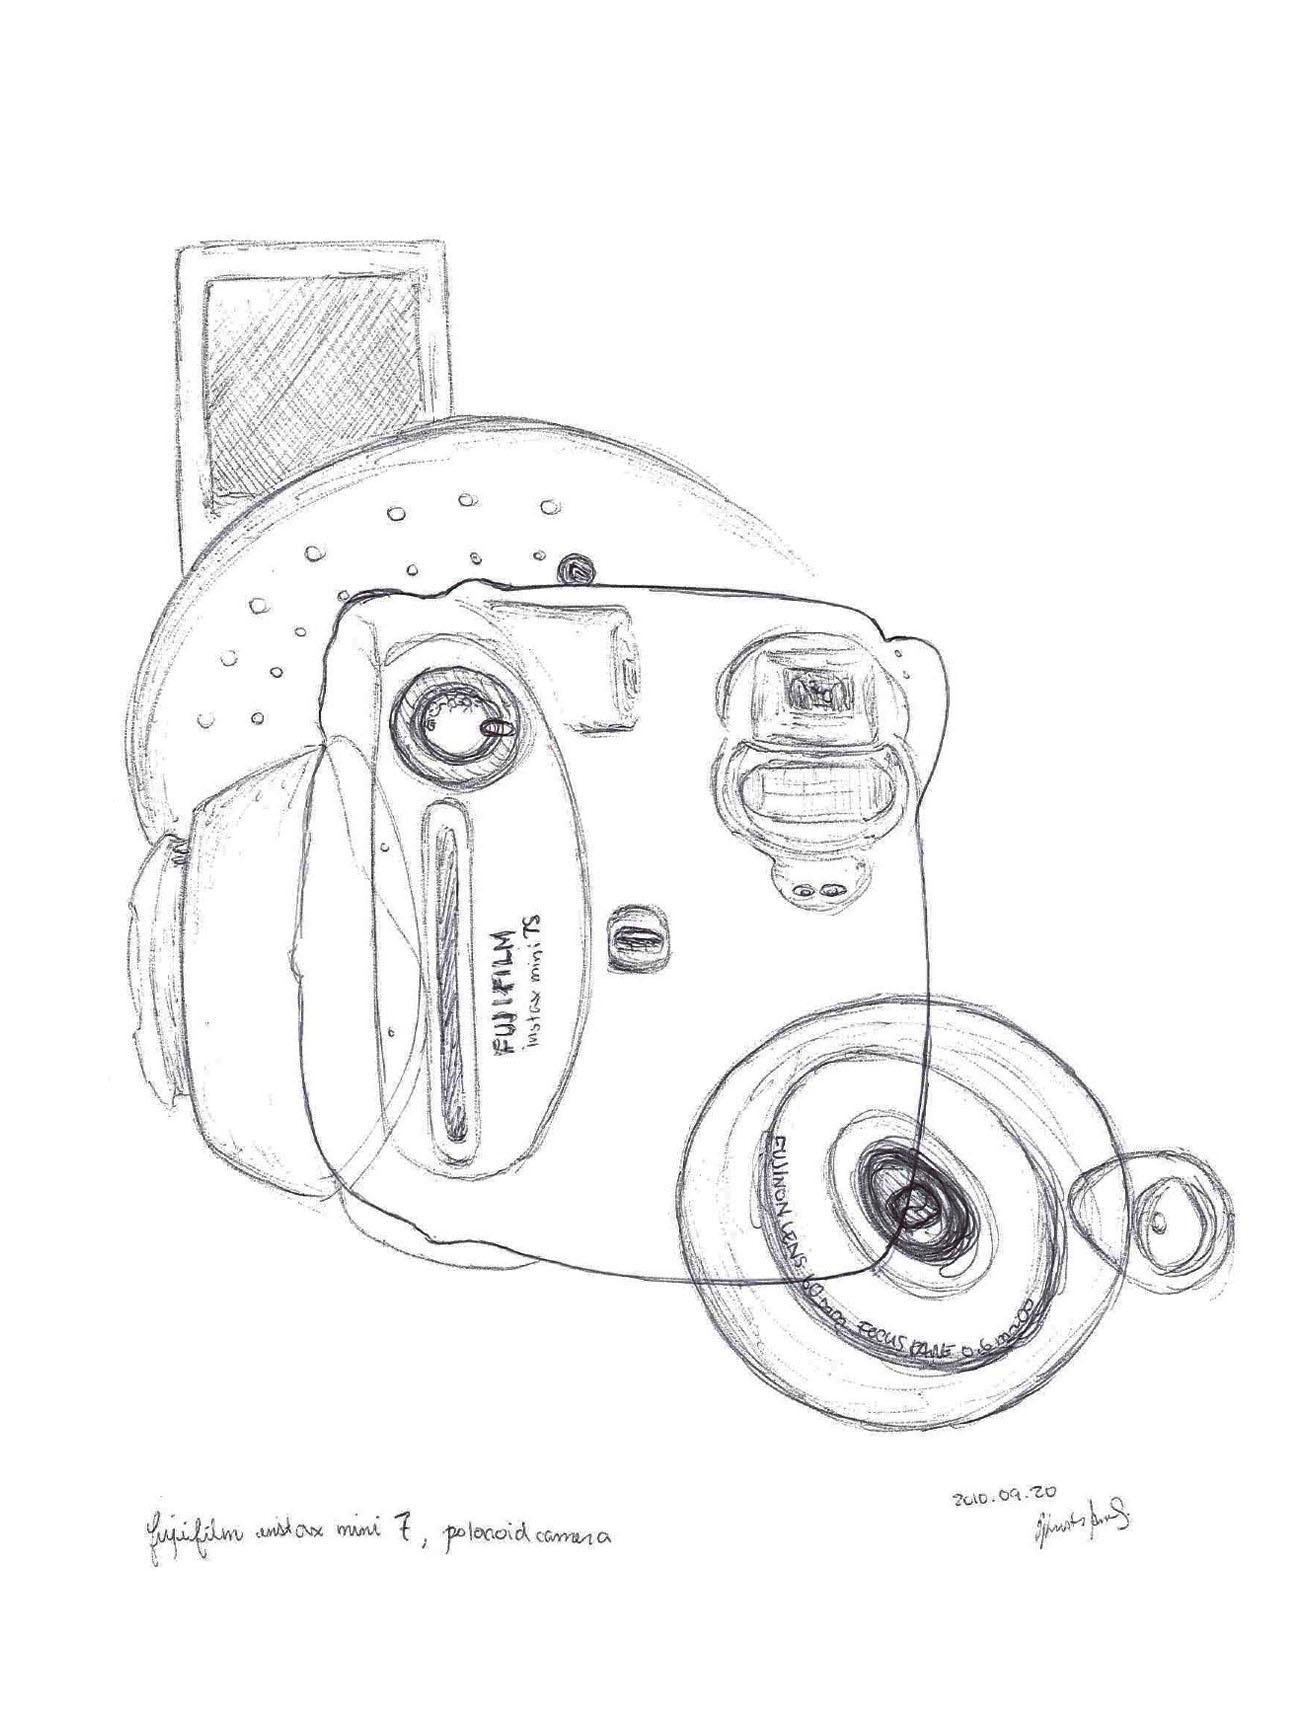 1296x1728 Abstract Fujifilm Mini 7s Polaroid Camera Kristi Ann's Portfolio